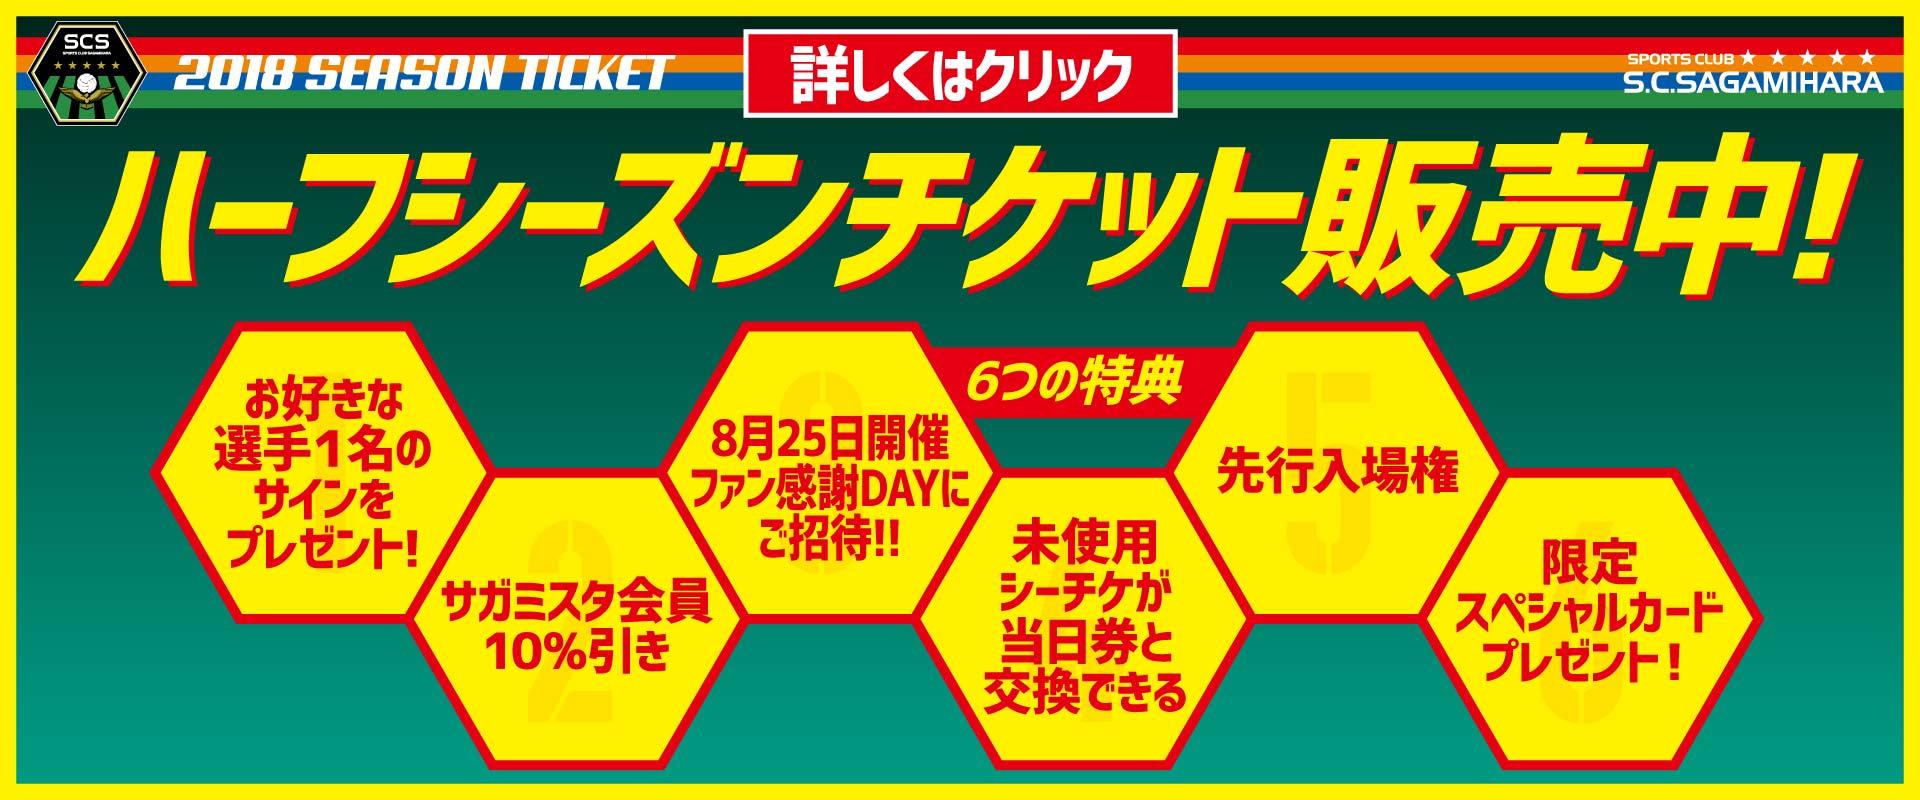 SCS_WEB_ハーフシーズンチケット販売.jpg